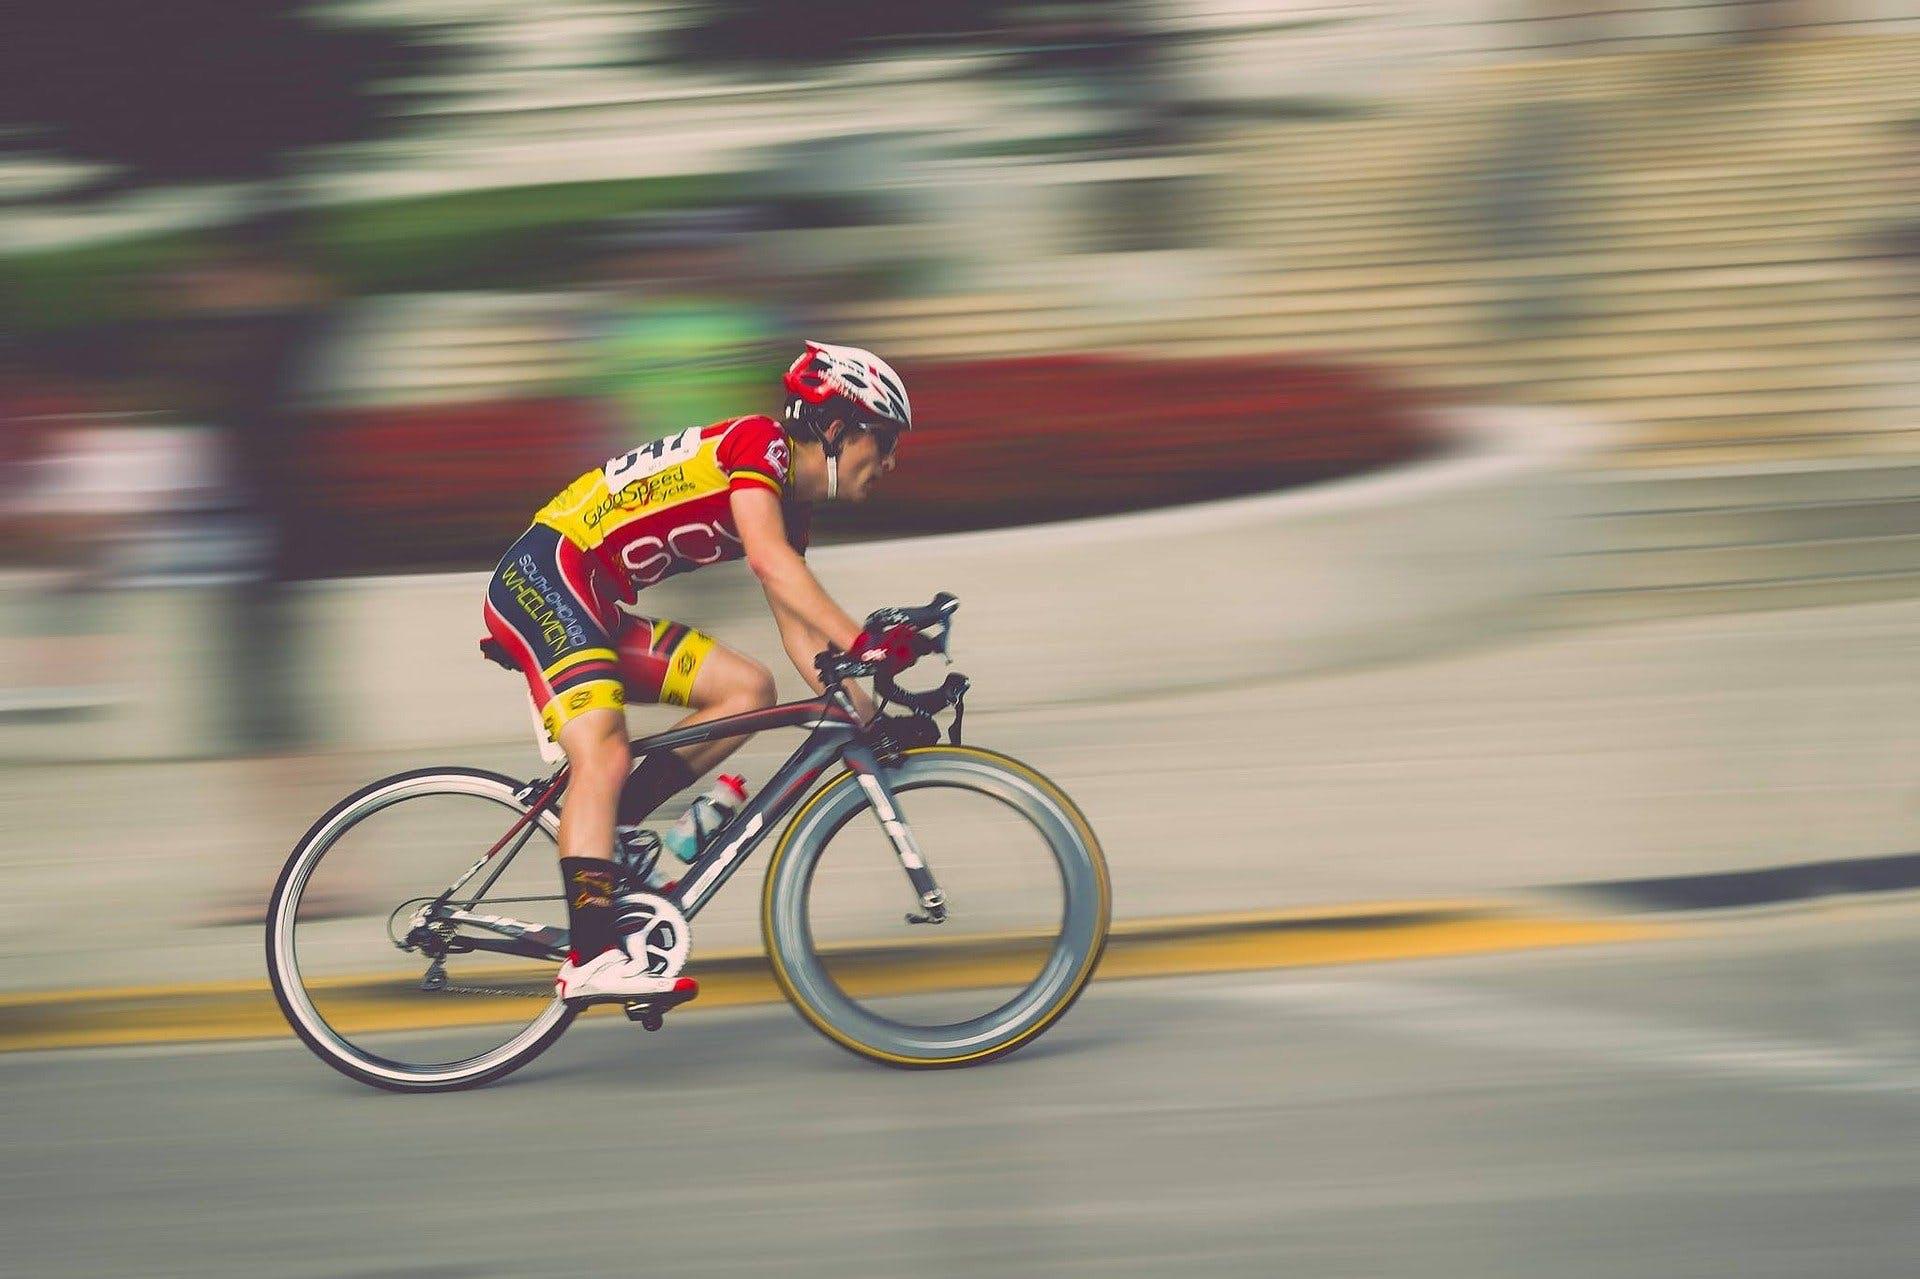 ciclista em uma prova de corrida